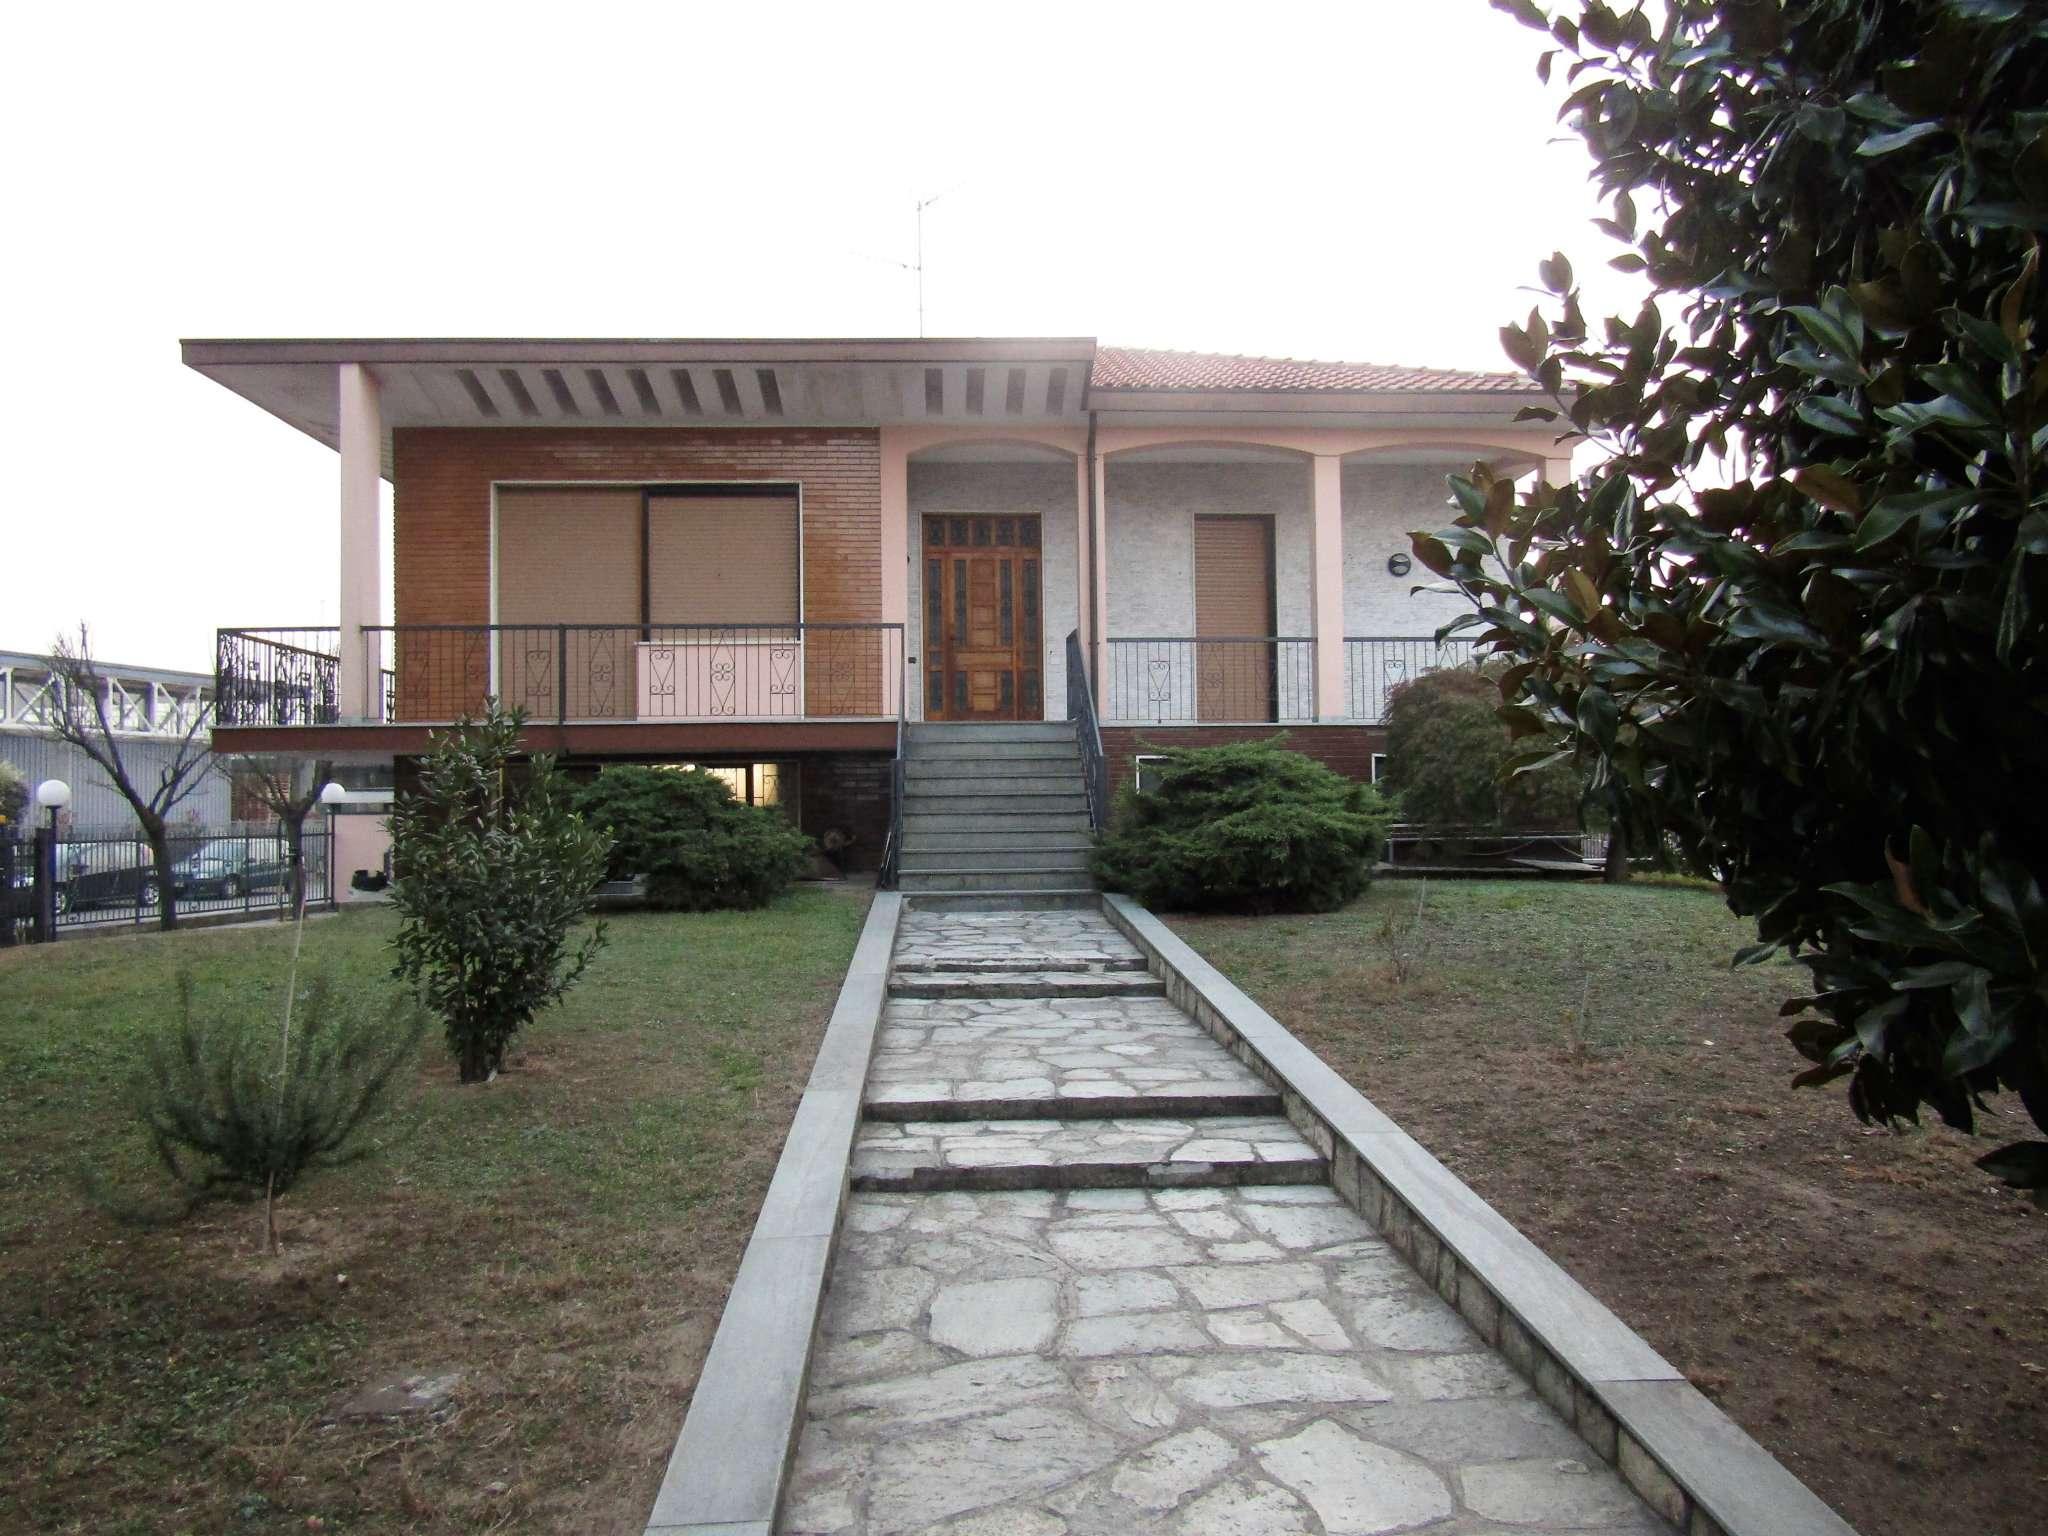 Palazzo / Stabile in vendita a Vigevano, 10 locali, prezzo € 850.000 | CambioCasa.it